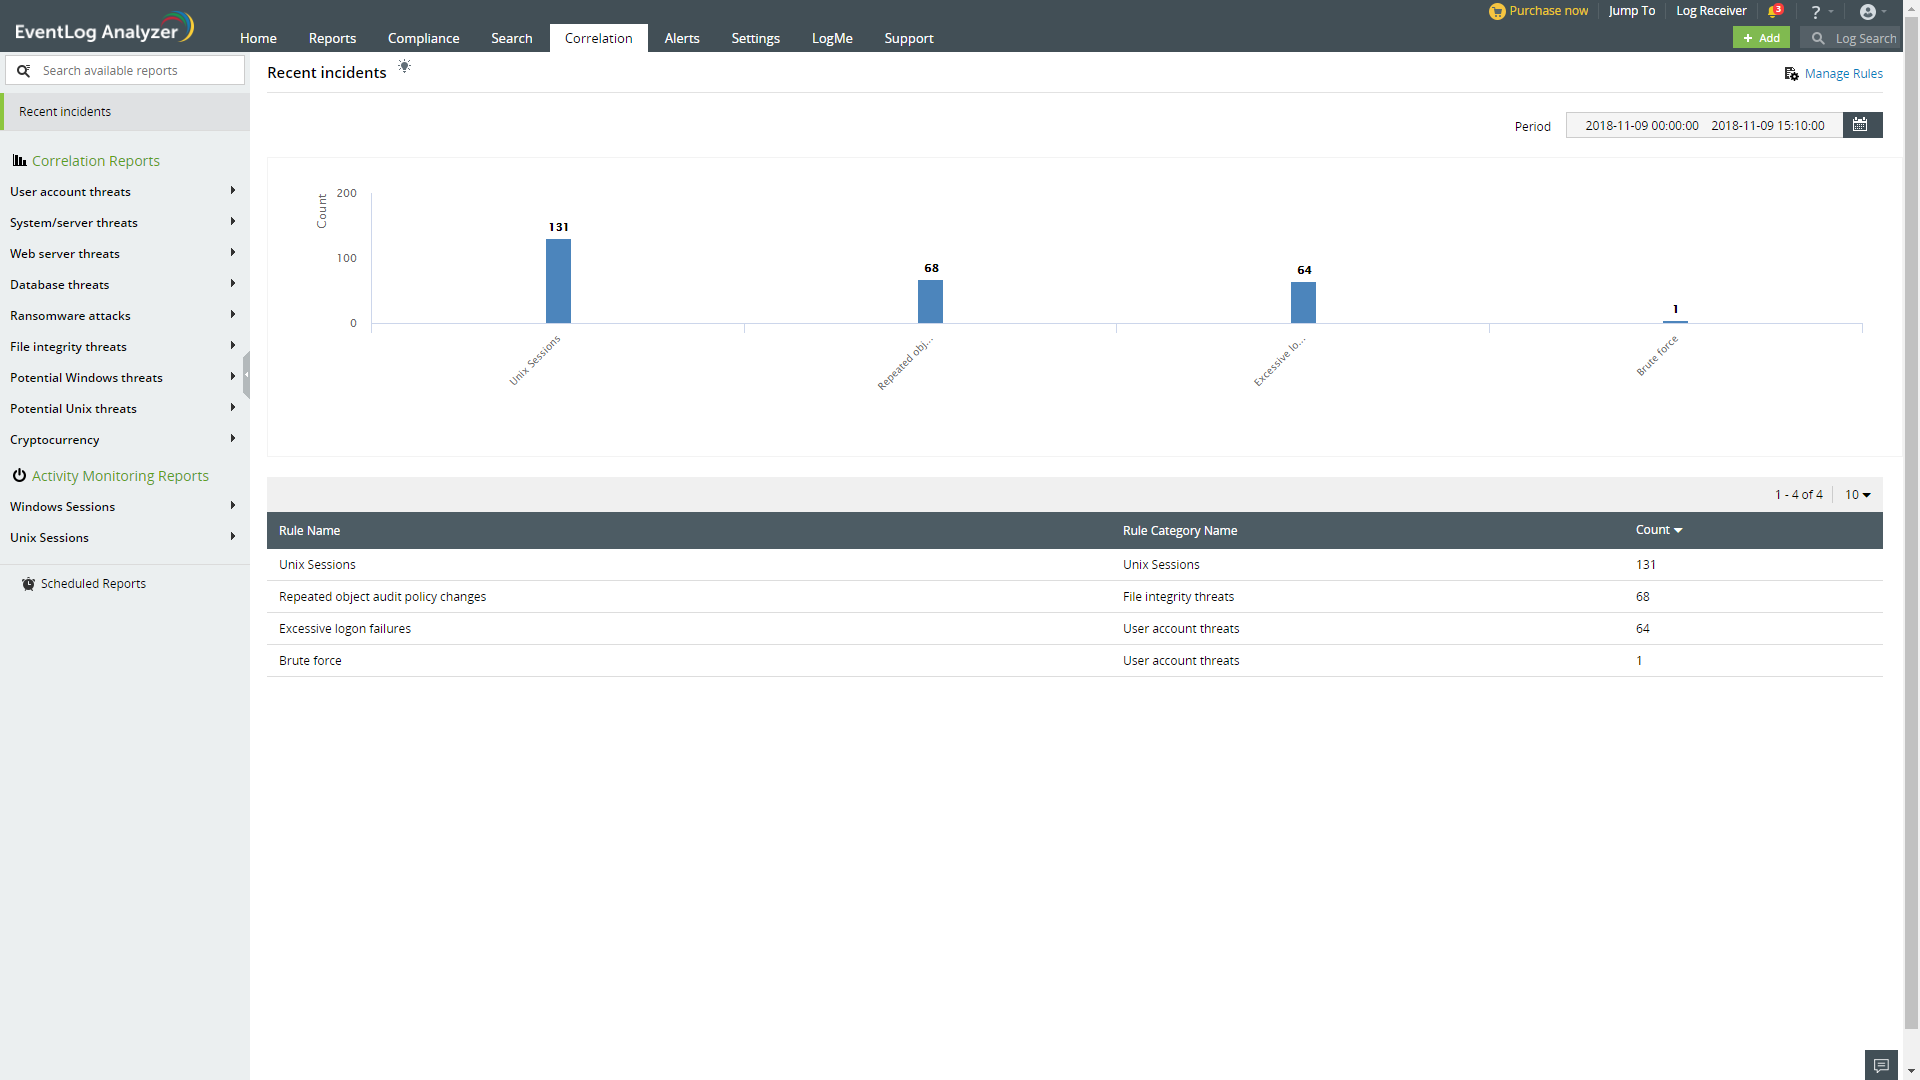 EventLogAnalyzer correlation screenshot